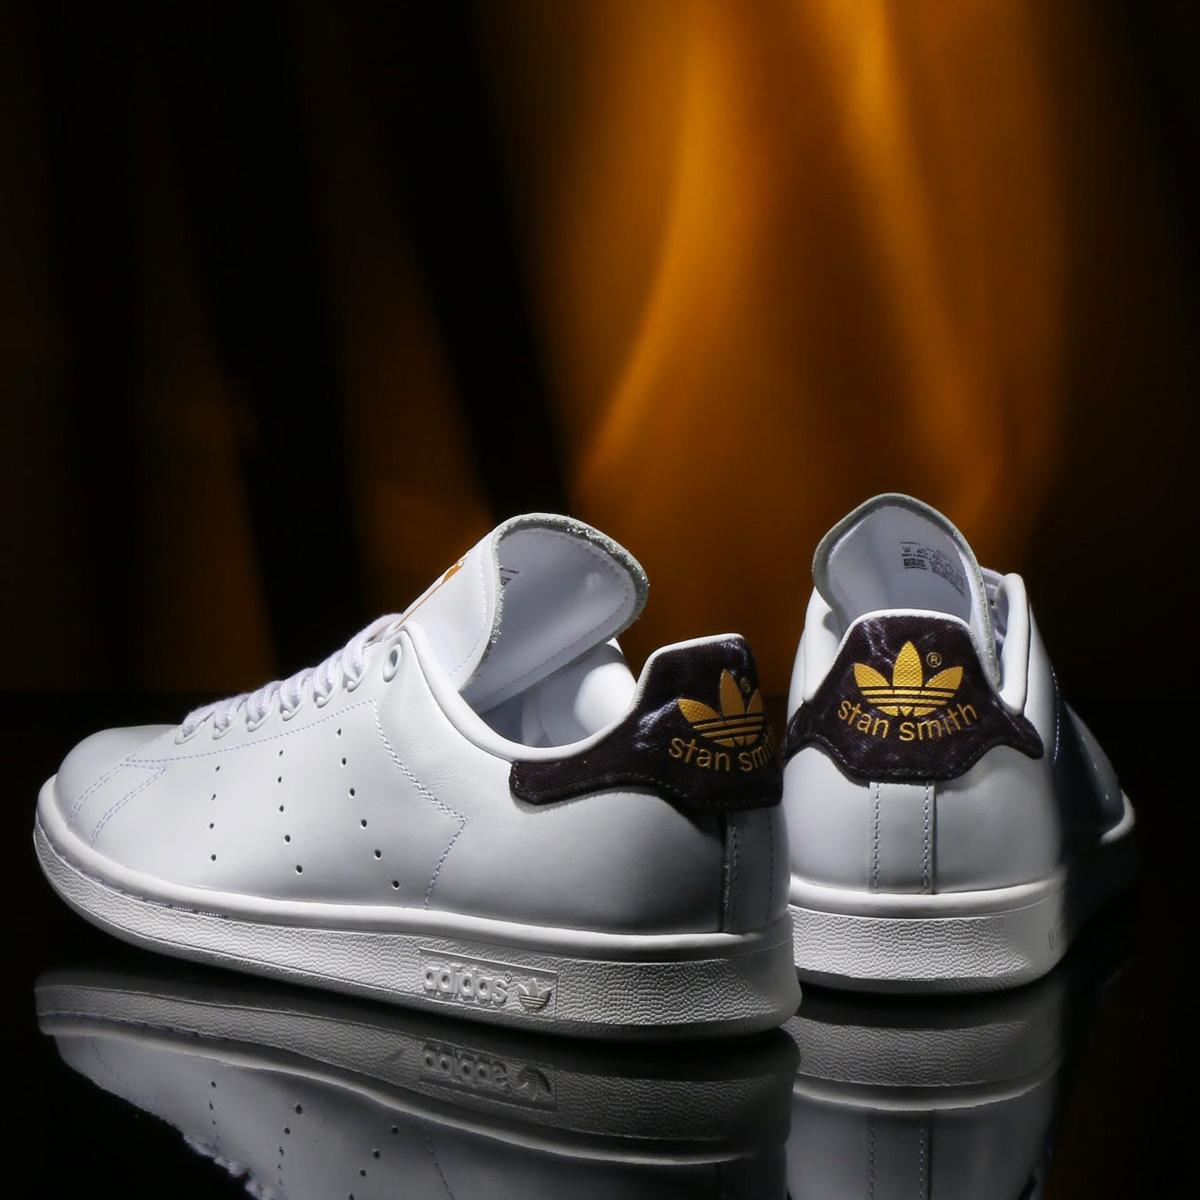 adidas Originals Stan Smith(アディダス オリジナルス スタンスミス)RUNNING WHITE/CORE BLACK/GOLD MET【メンズ レディース スニーカー】18FW-I